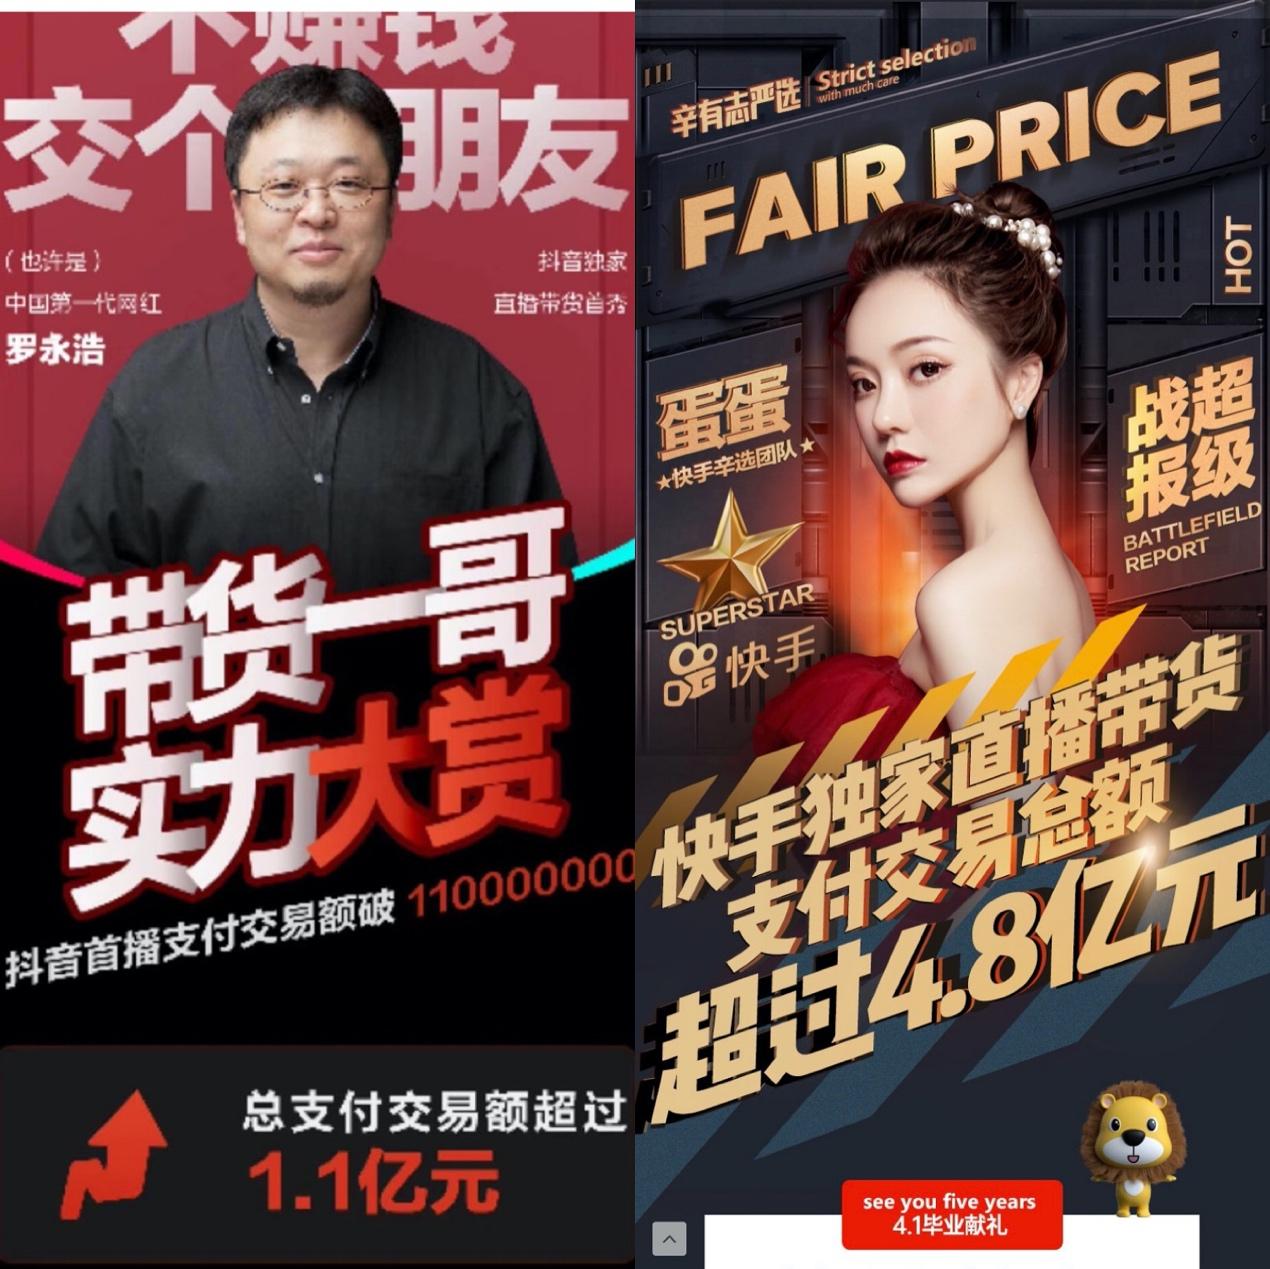 满屏都在刷罗永浩卖货首秀,快手辛巴徒弟却不动声色卖了4.8亿